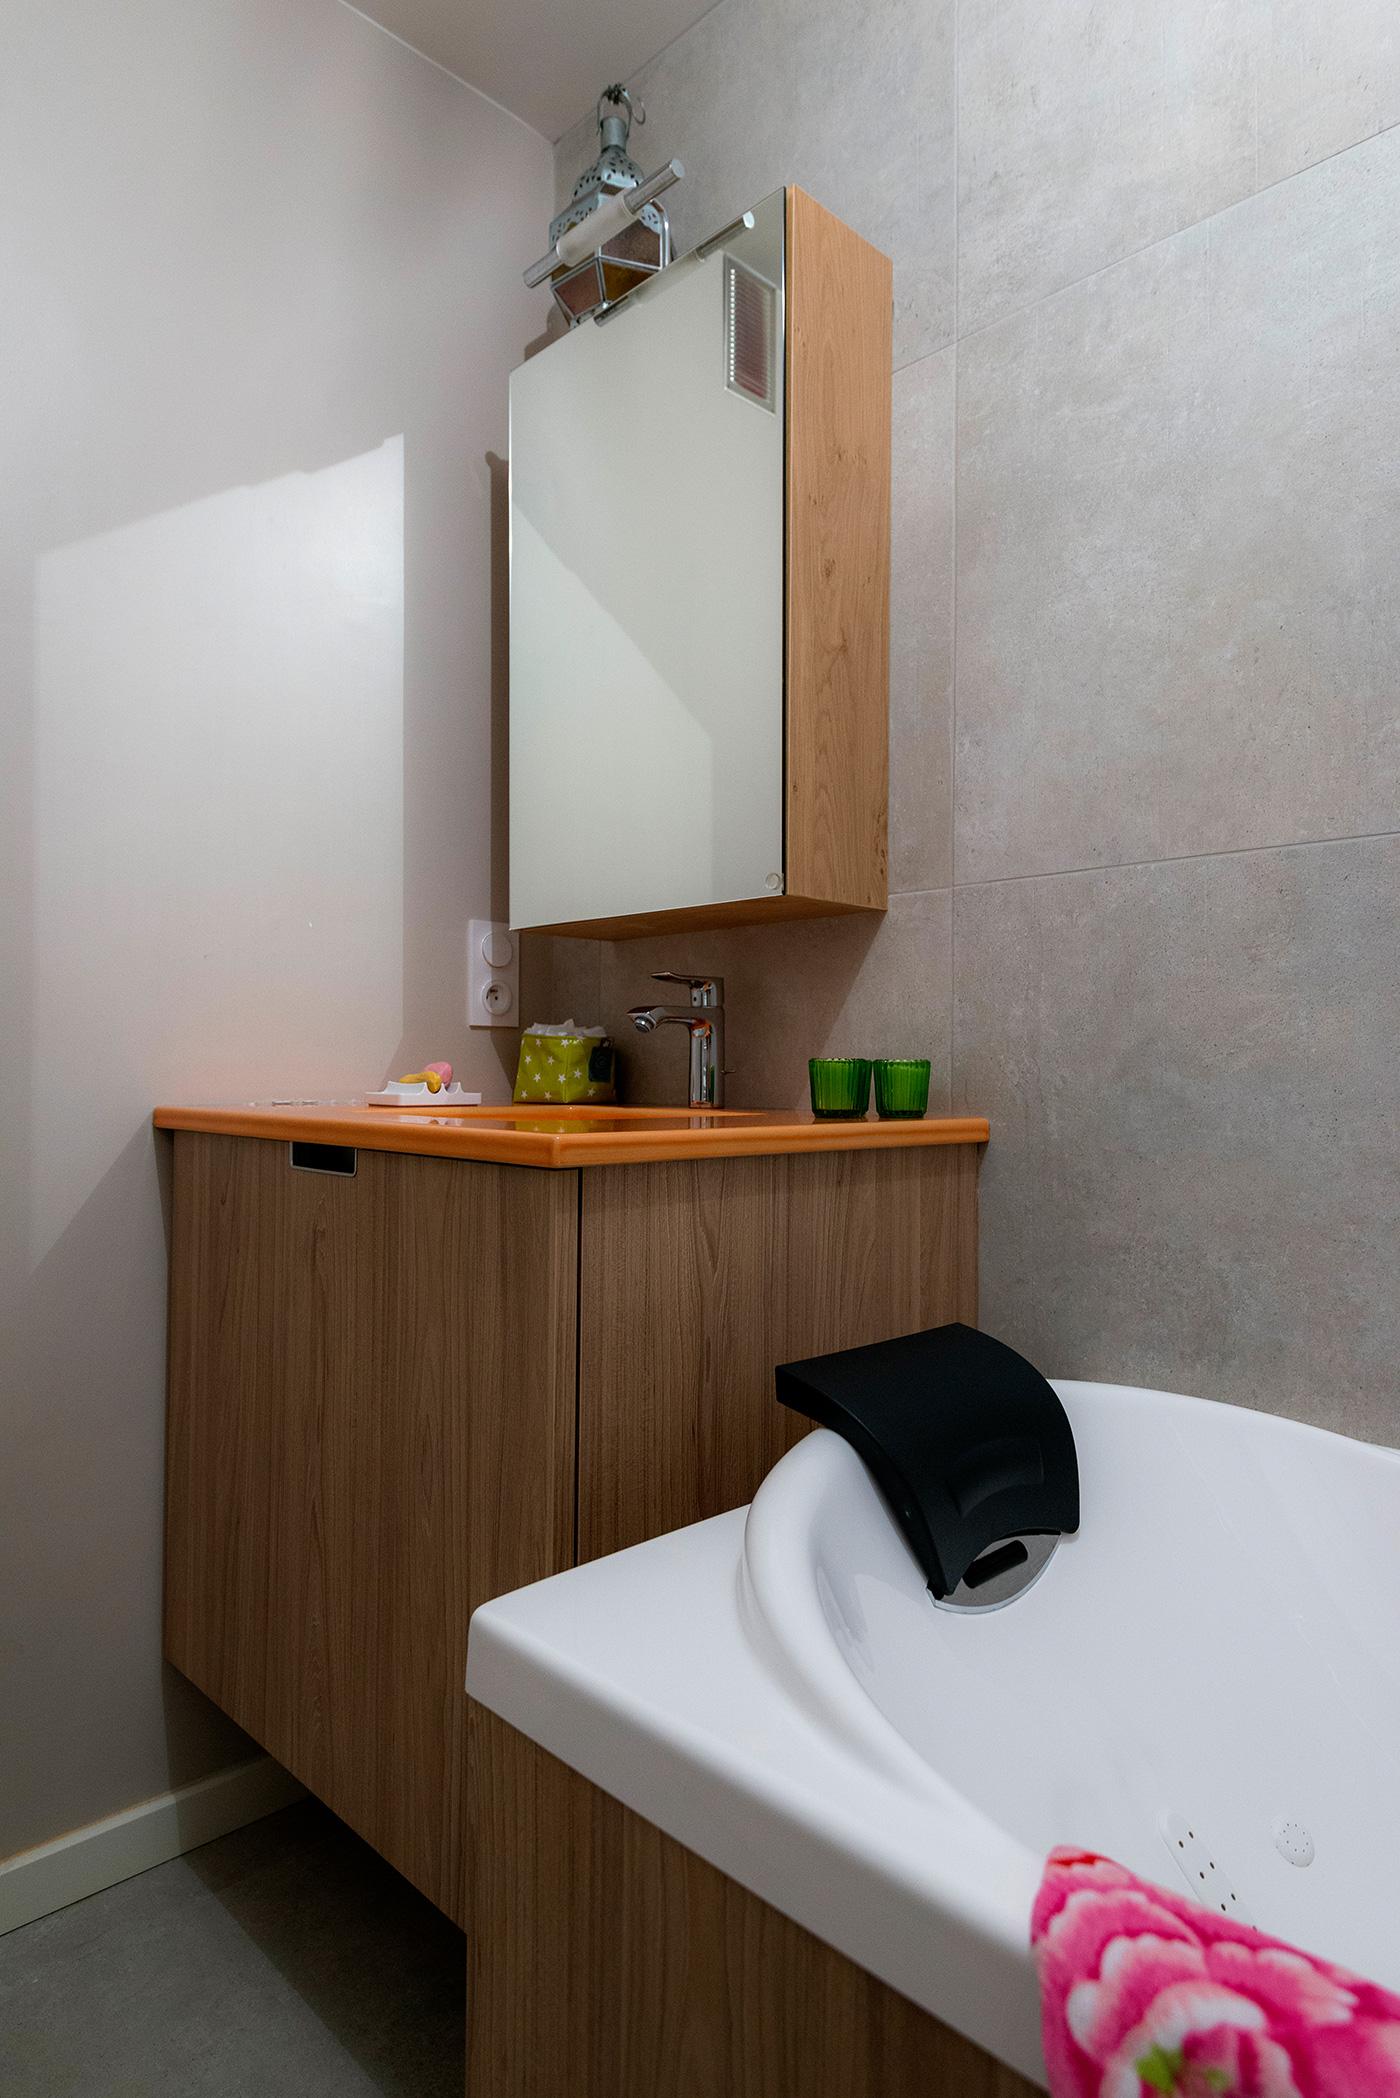 baignoire peu profonde suil est possible de laver remplir. Black Bedroom Furniture Sets. Home Design Ideas